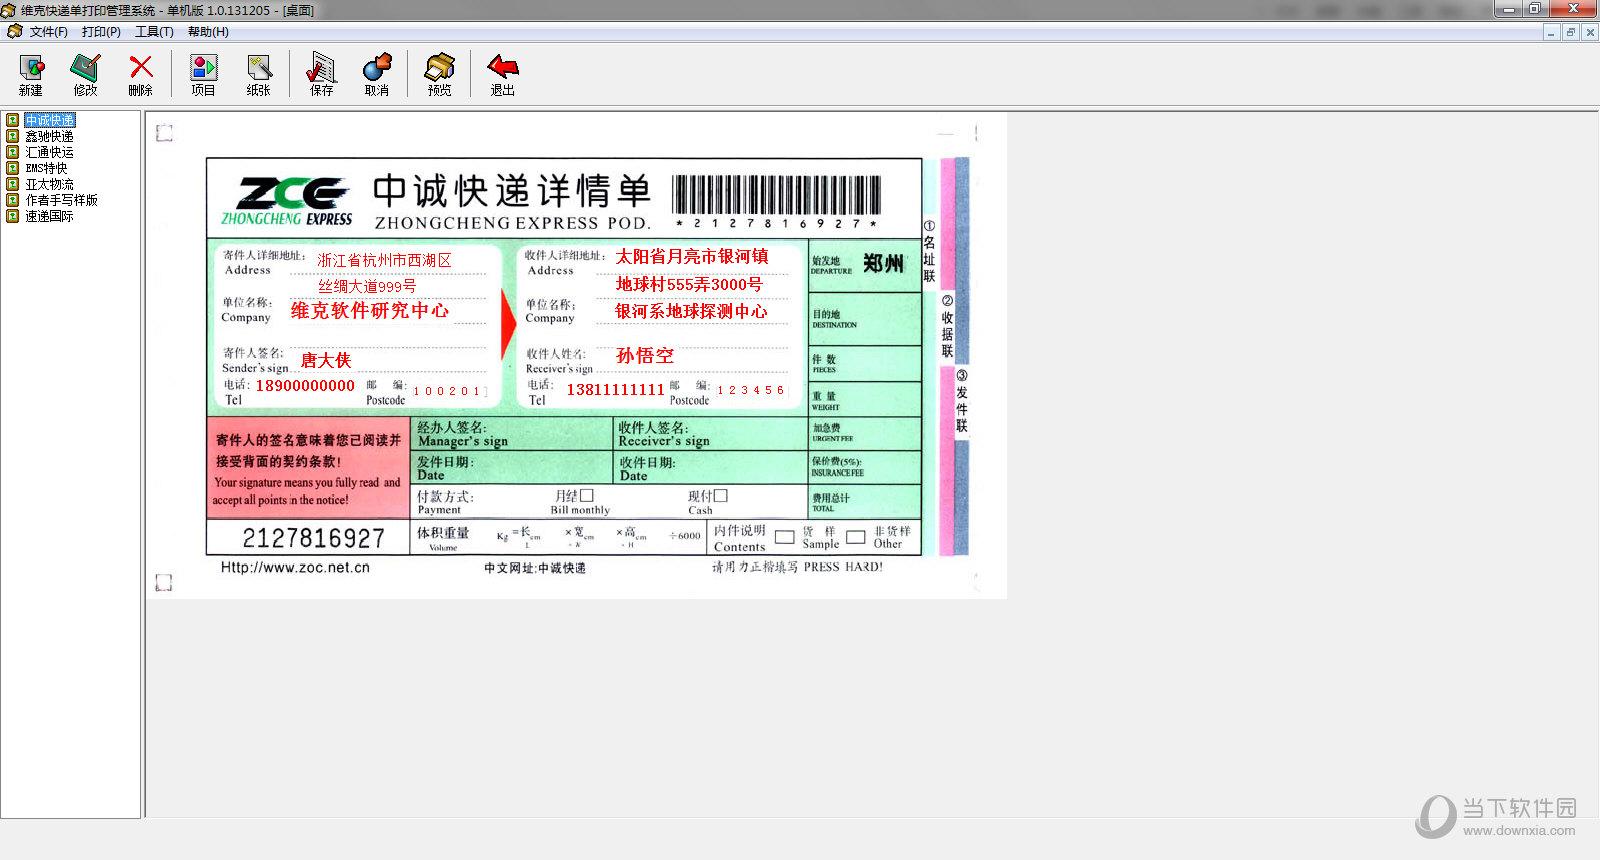 维克快递单打印管理系统 v1.0.131205 单机版